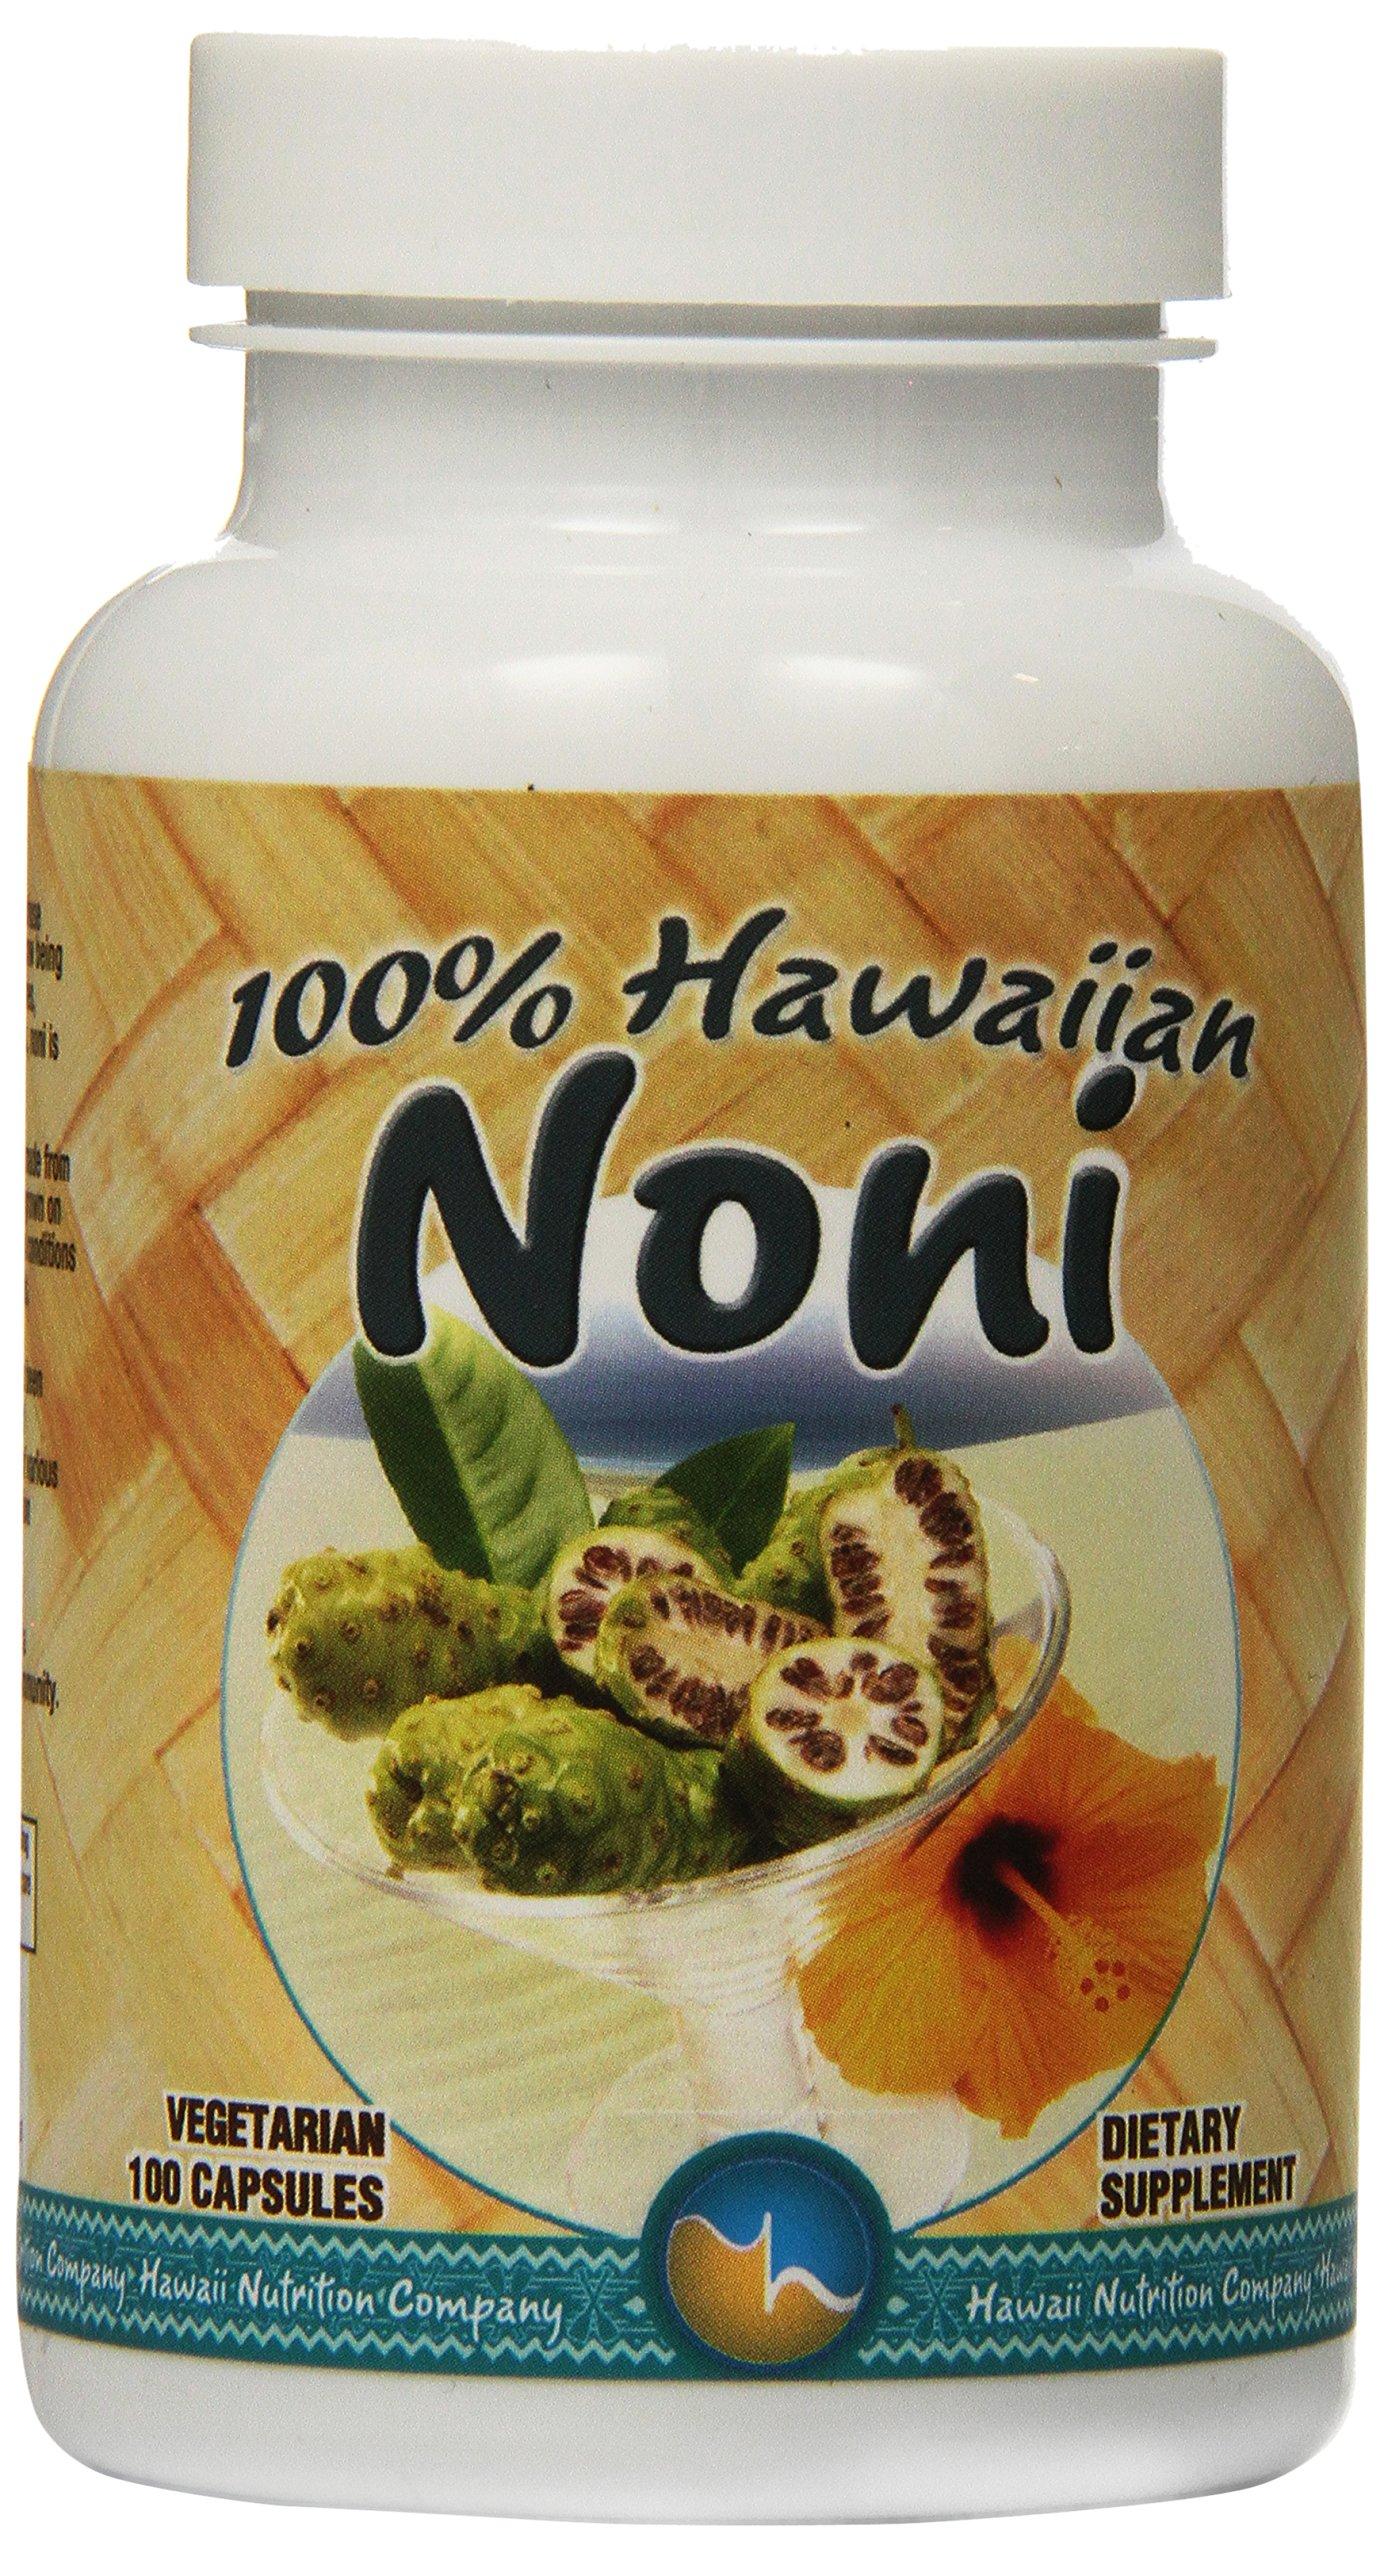 Hawaii Nutrition Company Hawaiian Noni Capsules, 100 Count